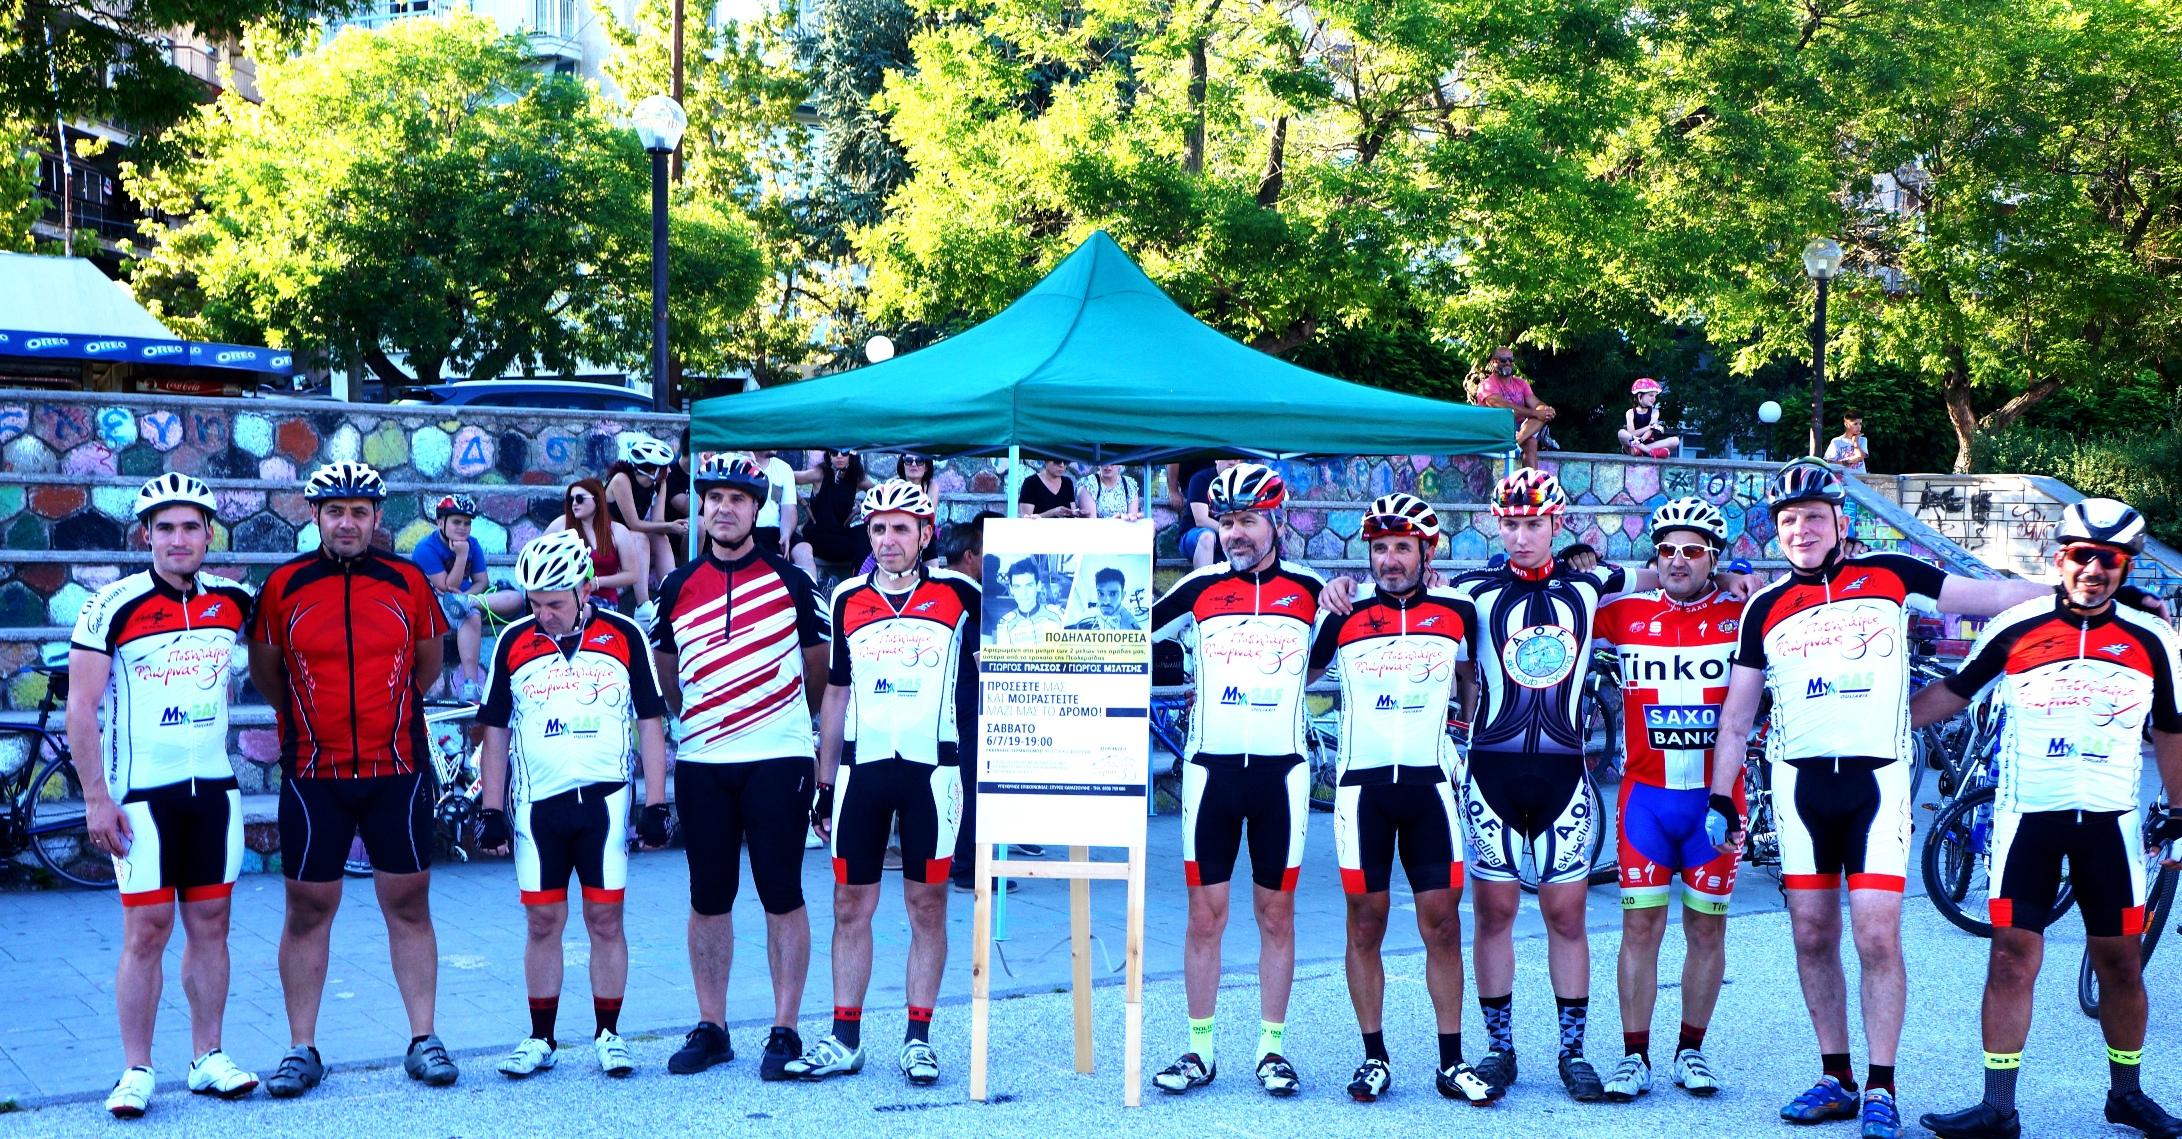 Φλώρινα - Ποδηλατοπορεία Γιώργος Πράσσος - Γιώργος Μίλτσης